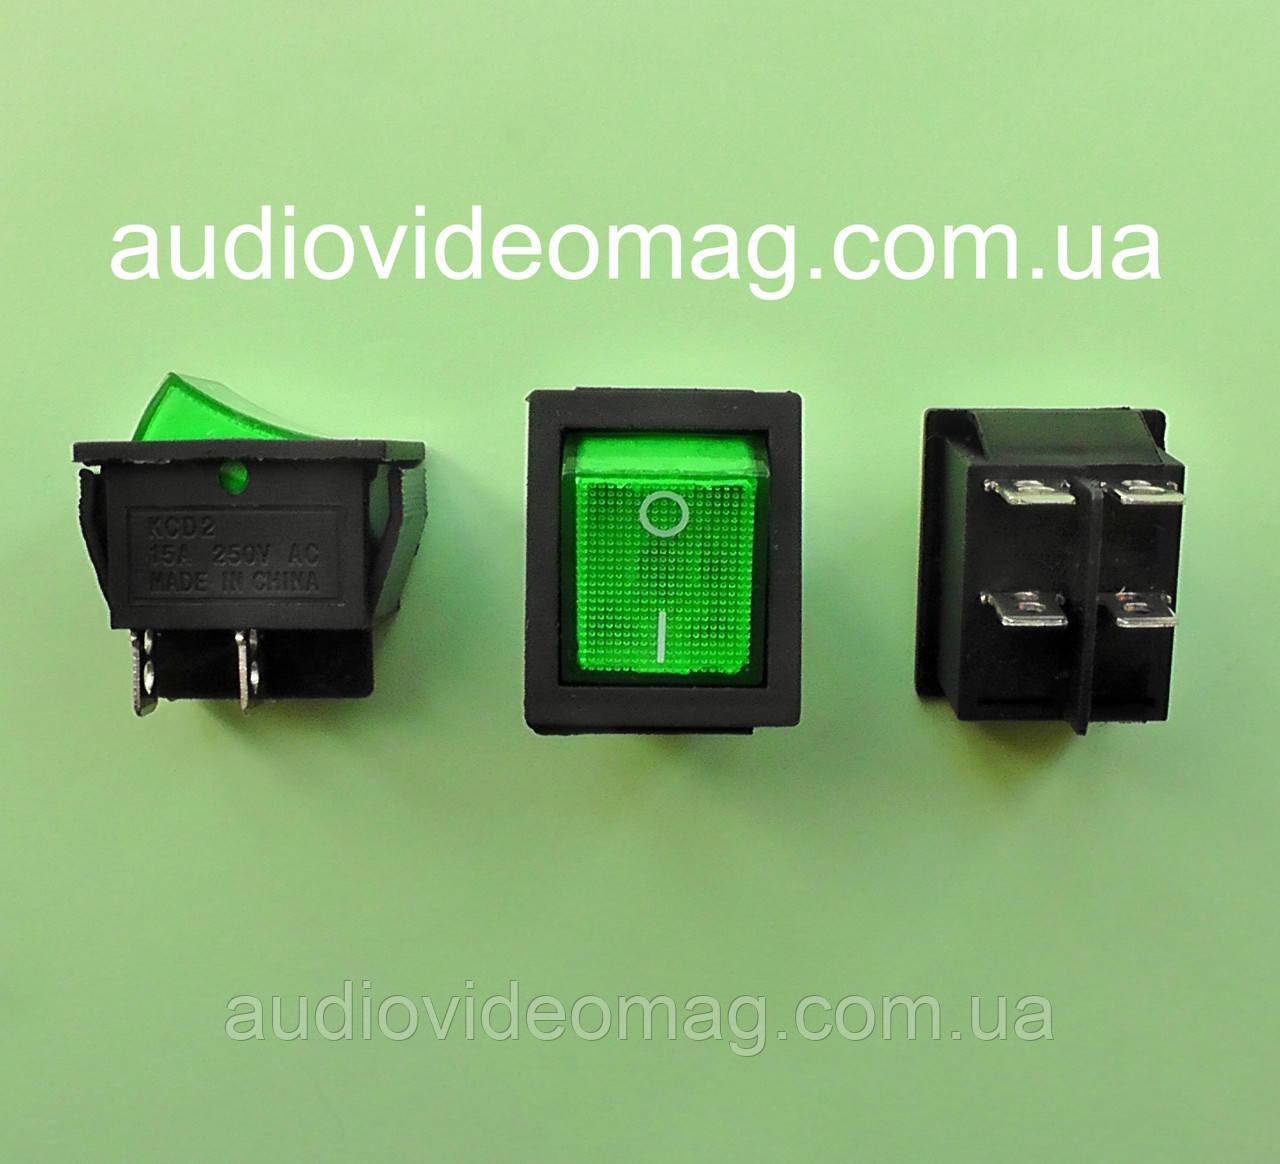 Кнопочный выключатель 28.5 х 22 мм, 250V 15A, цвет клавиши - зелёный